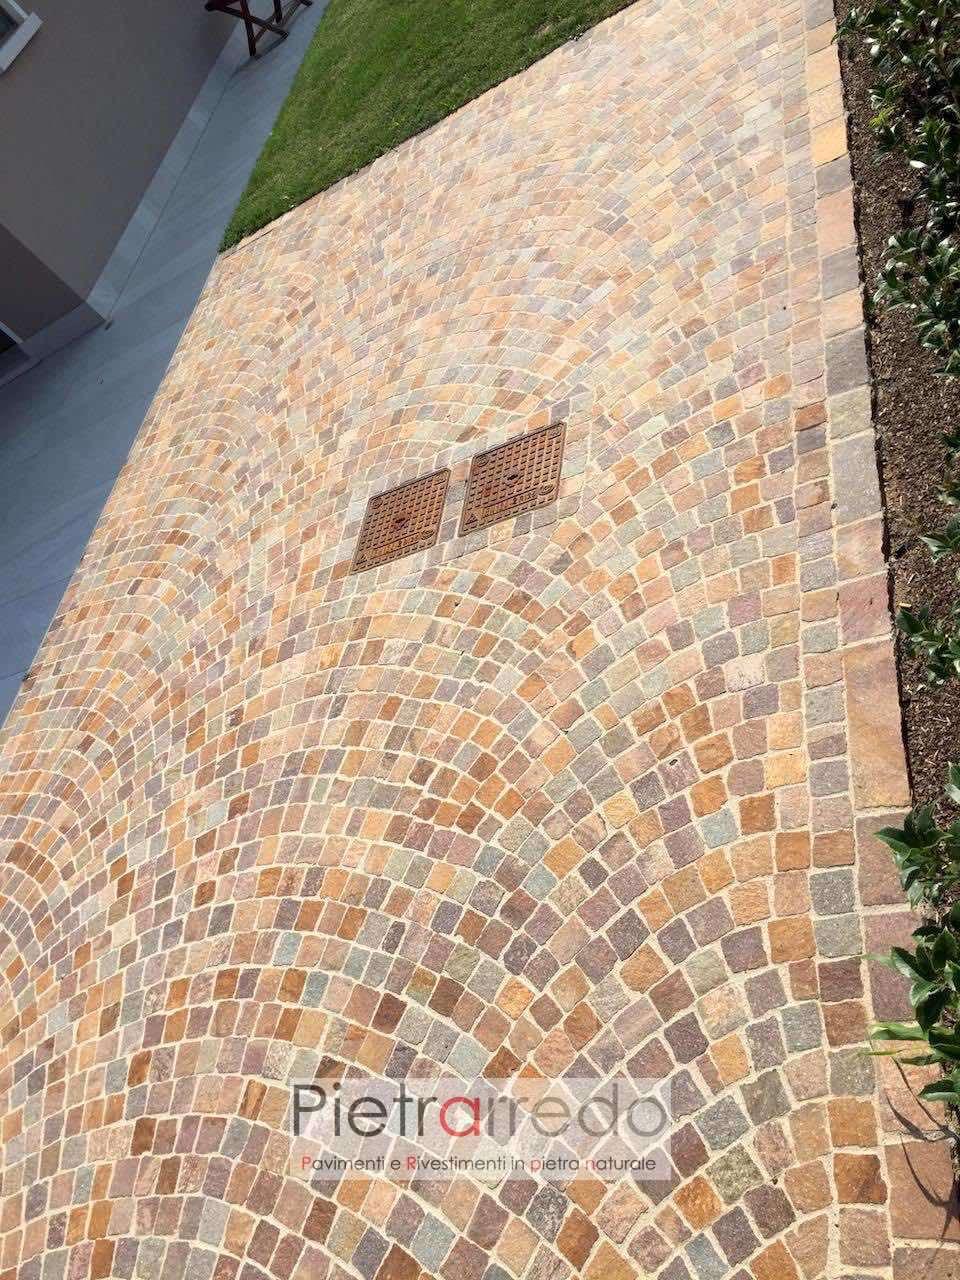 pavimento cubetti san pietrini porfido viola rosso misto trantino prezzi pietrarredo milano costo offerta selciato carrabile